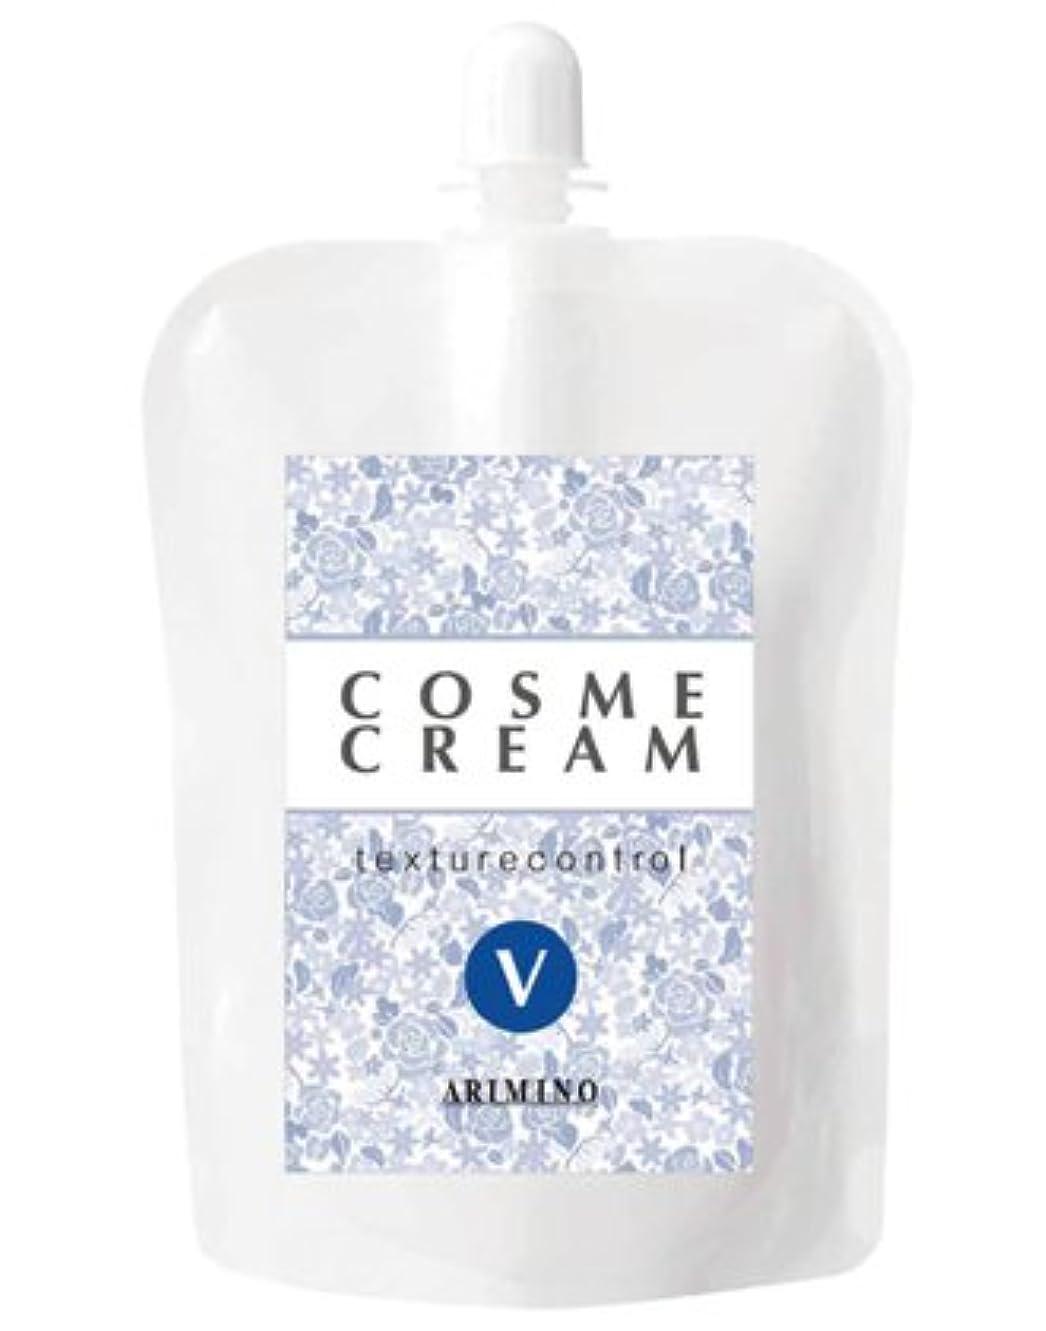 任命召集する水素アリミノ コスメクリーム V 400g